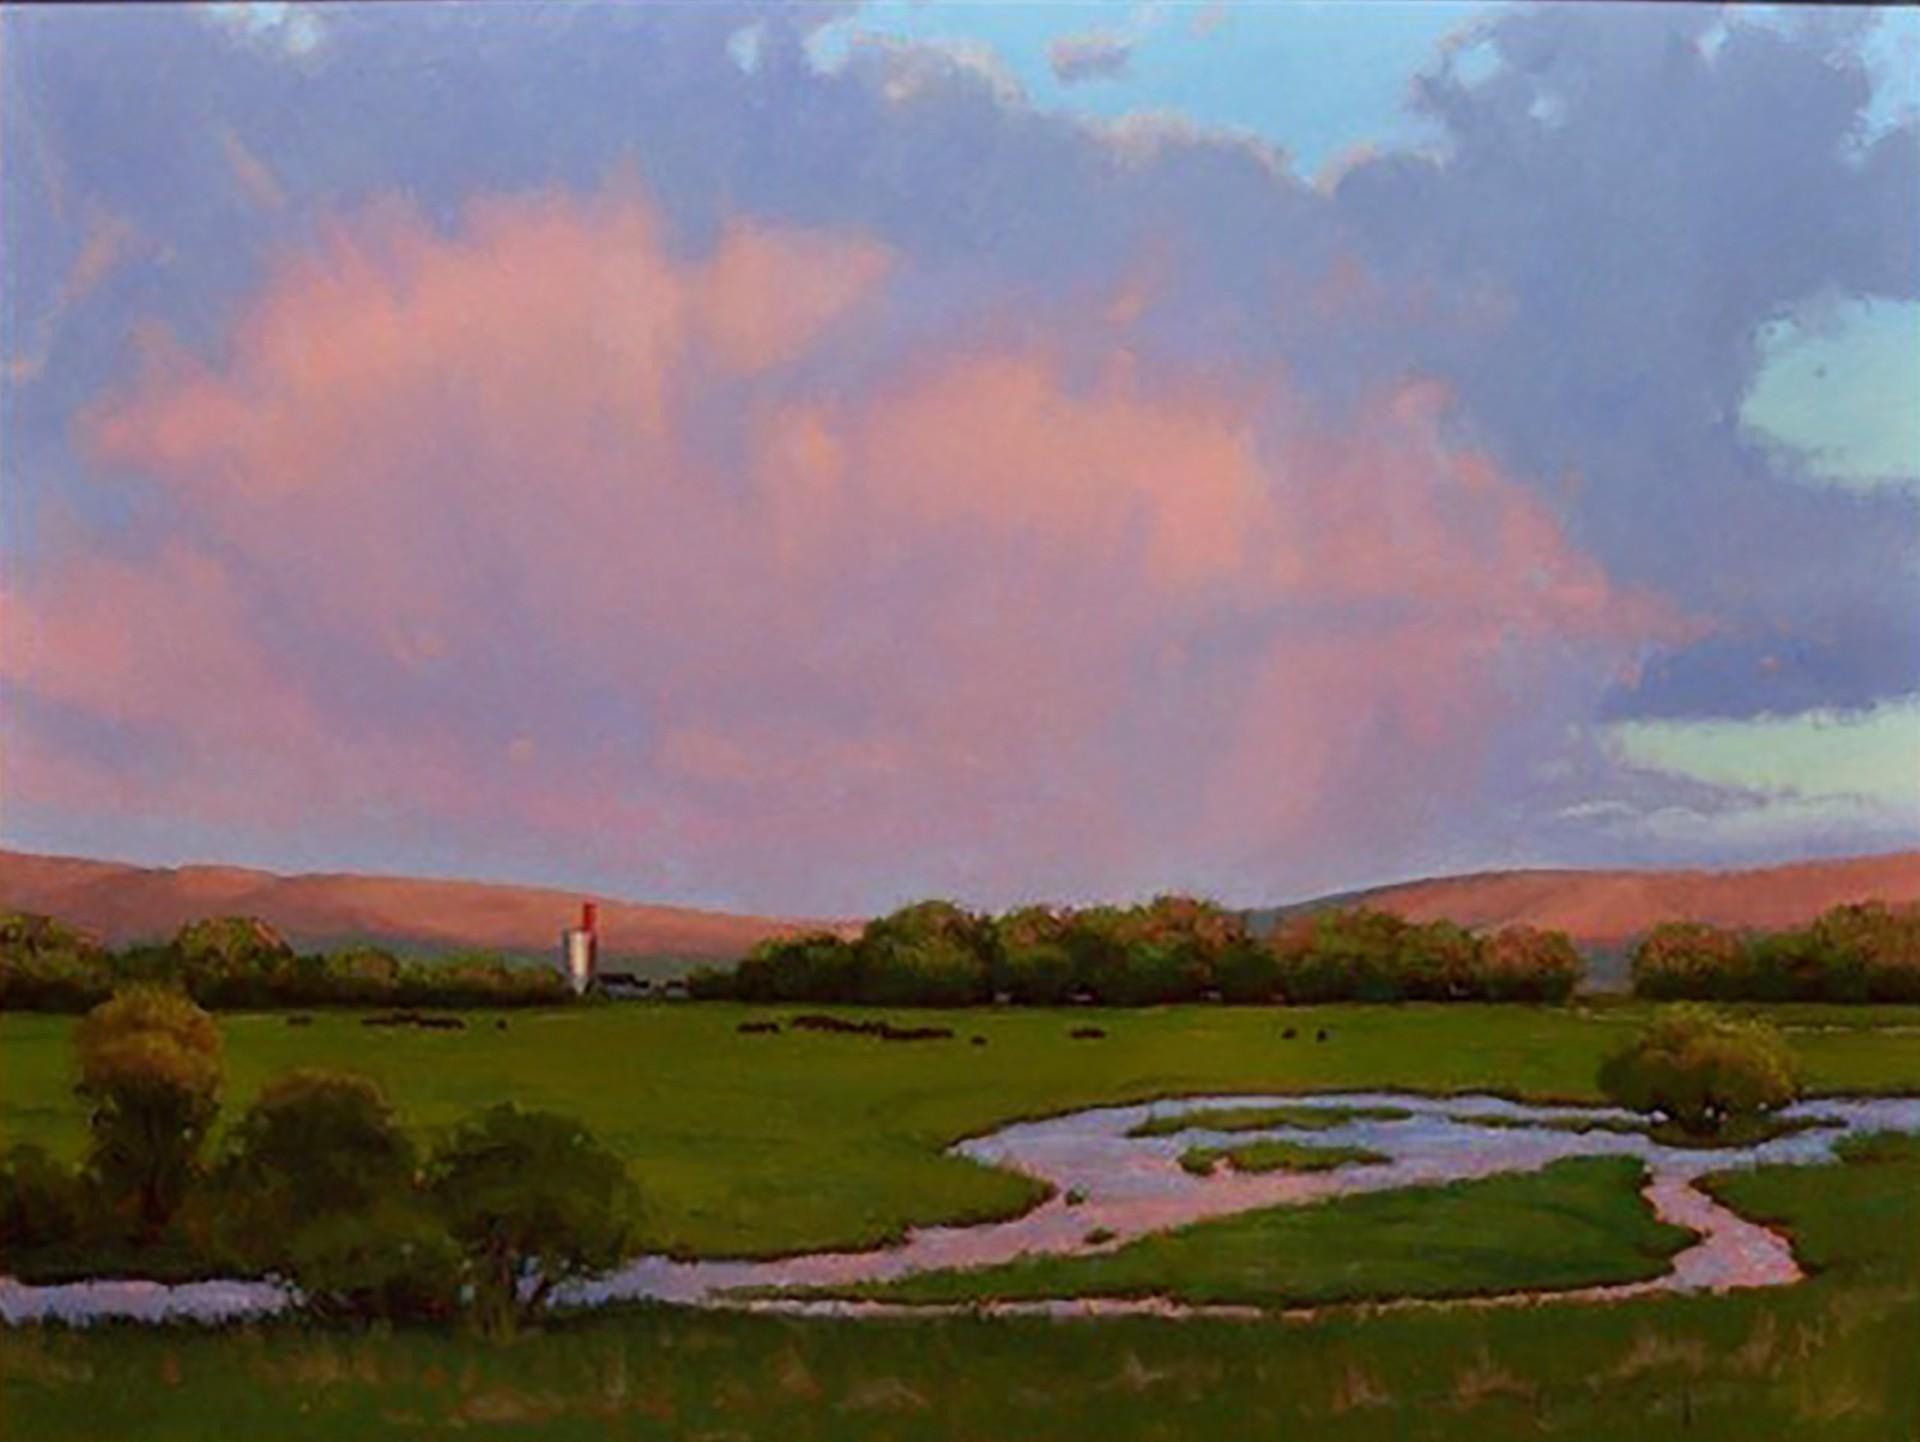 Heaven's Blossom by Warren Neary